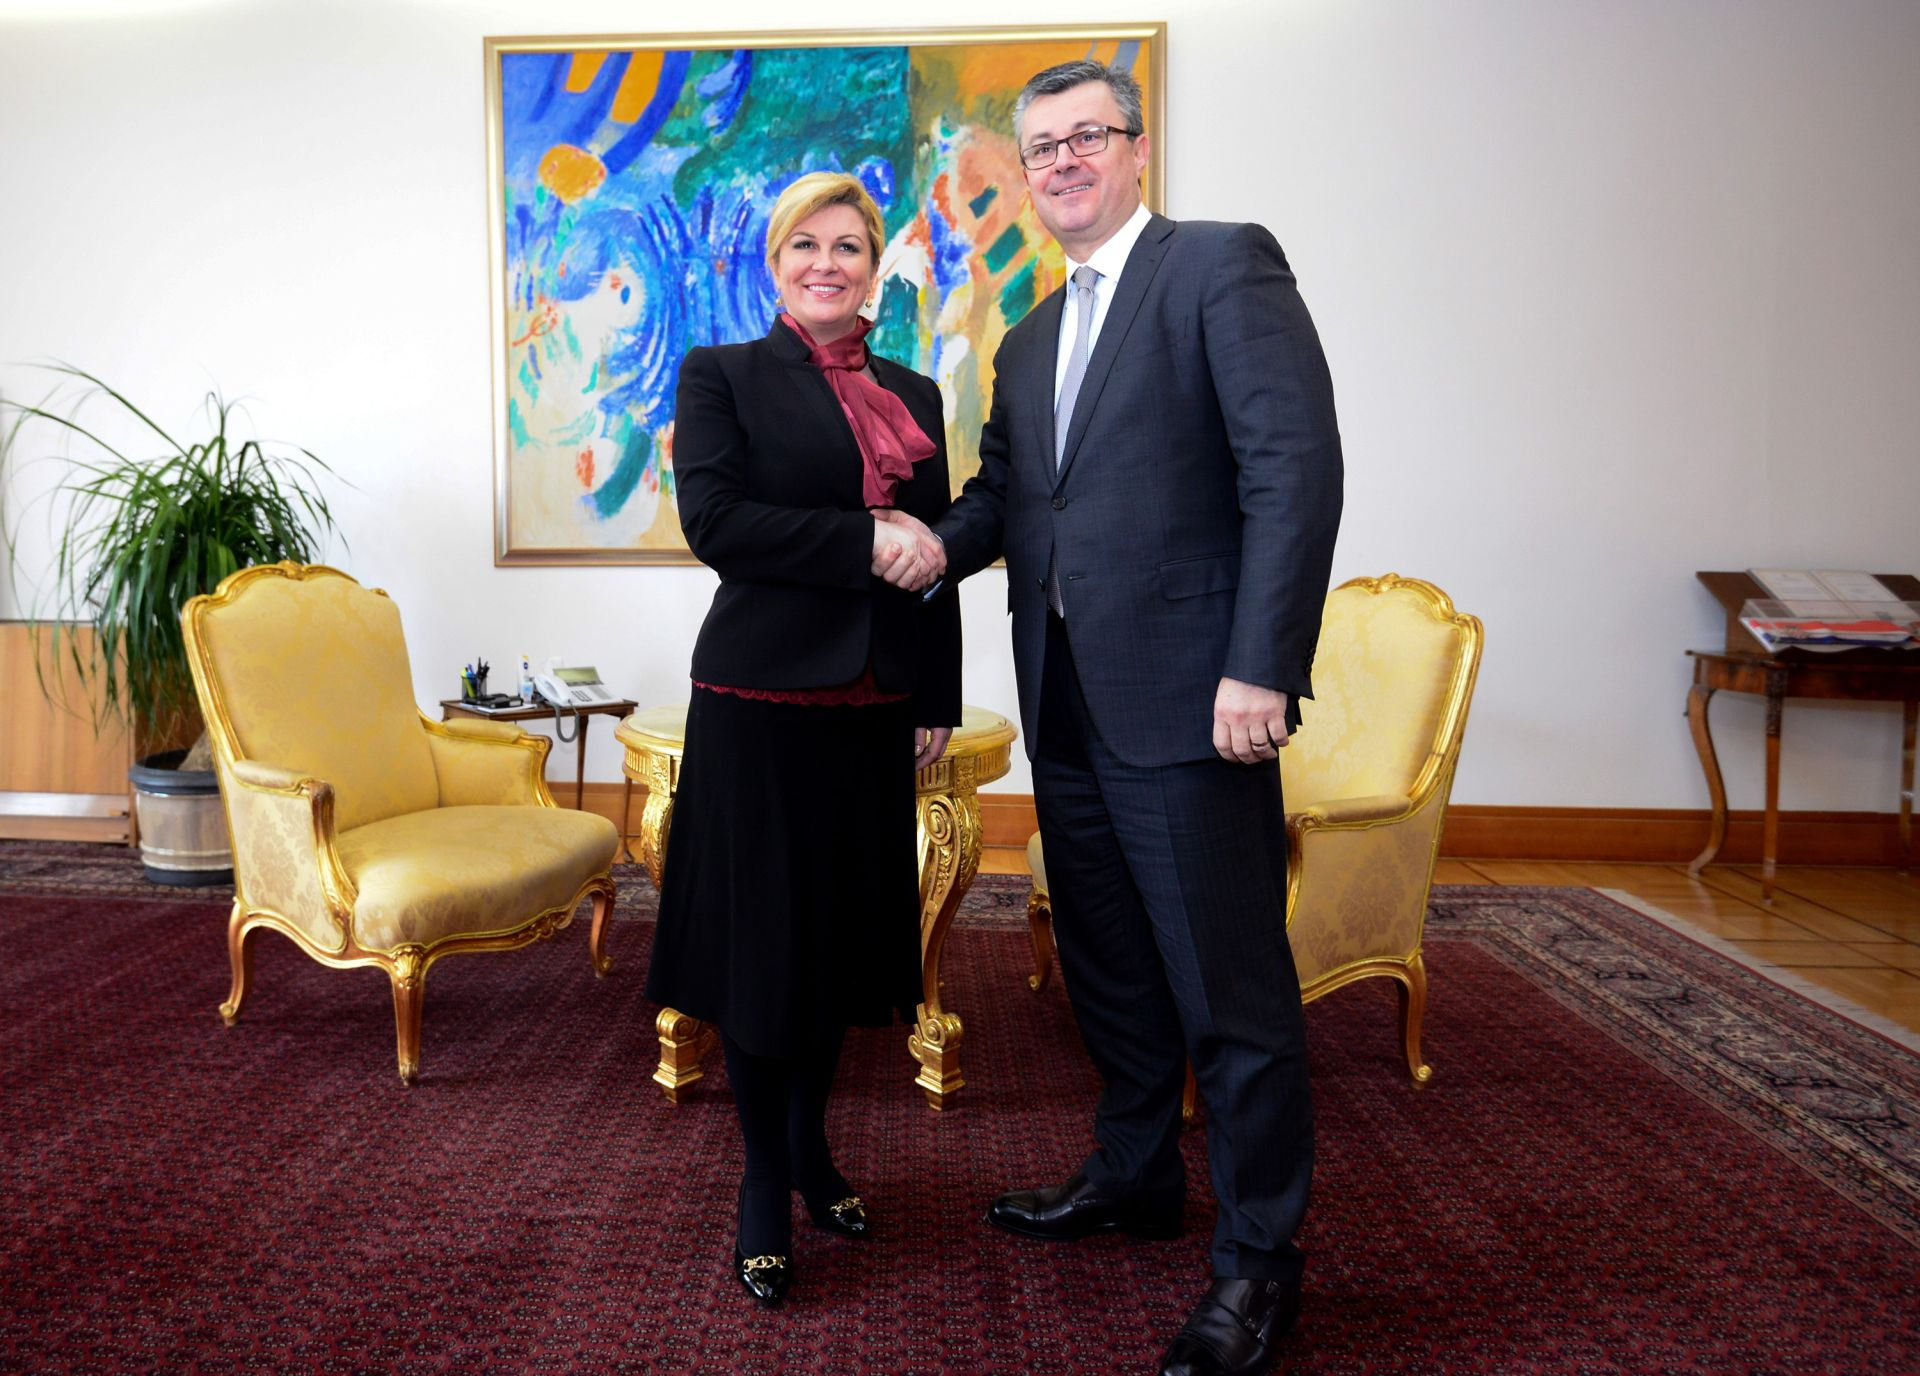 NAKON PADA VLADE: Predsjednica za sutra sazvala konzultacije na Pantovčaku